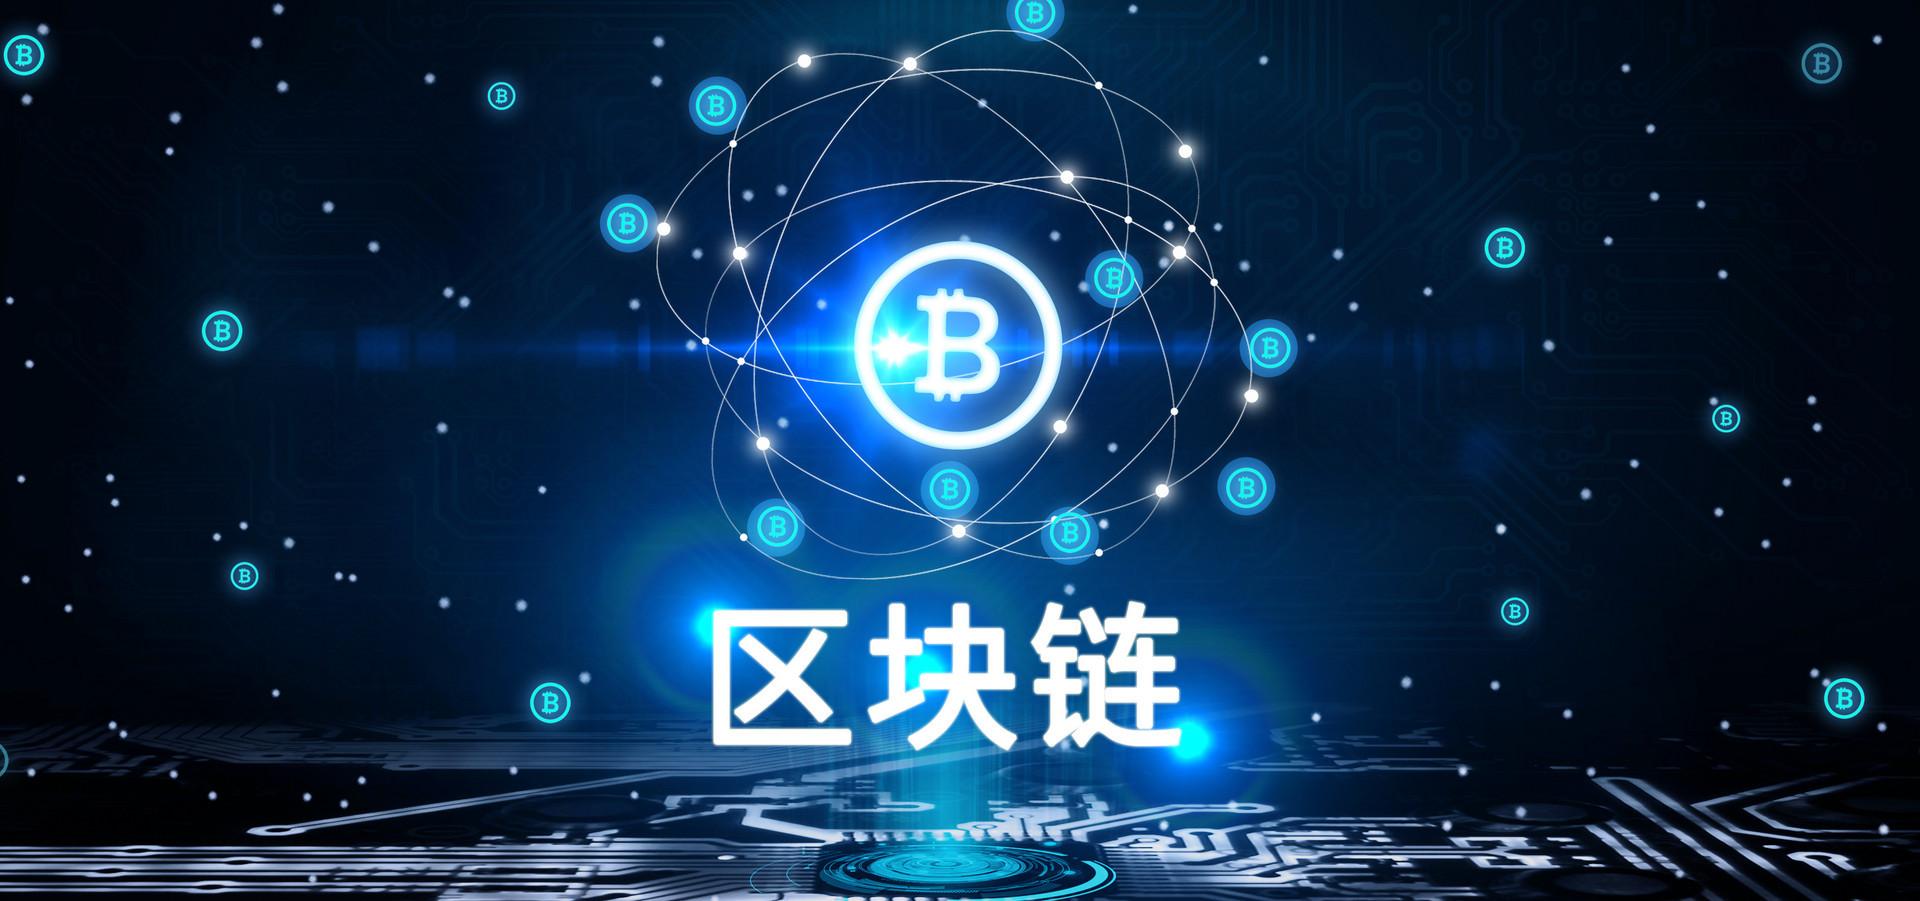 国家网信办发布第二批境内区块链信息服务备案编号 工商银行、华